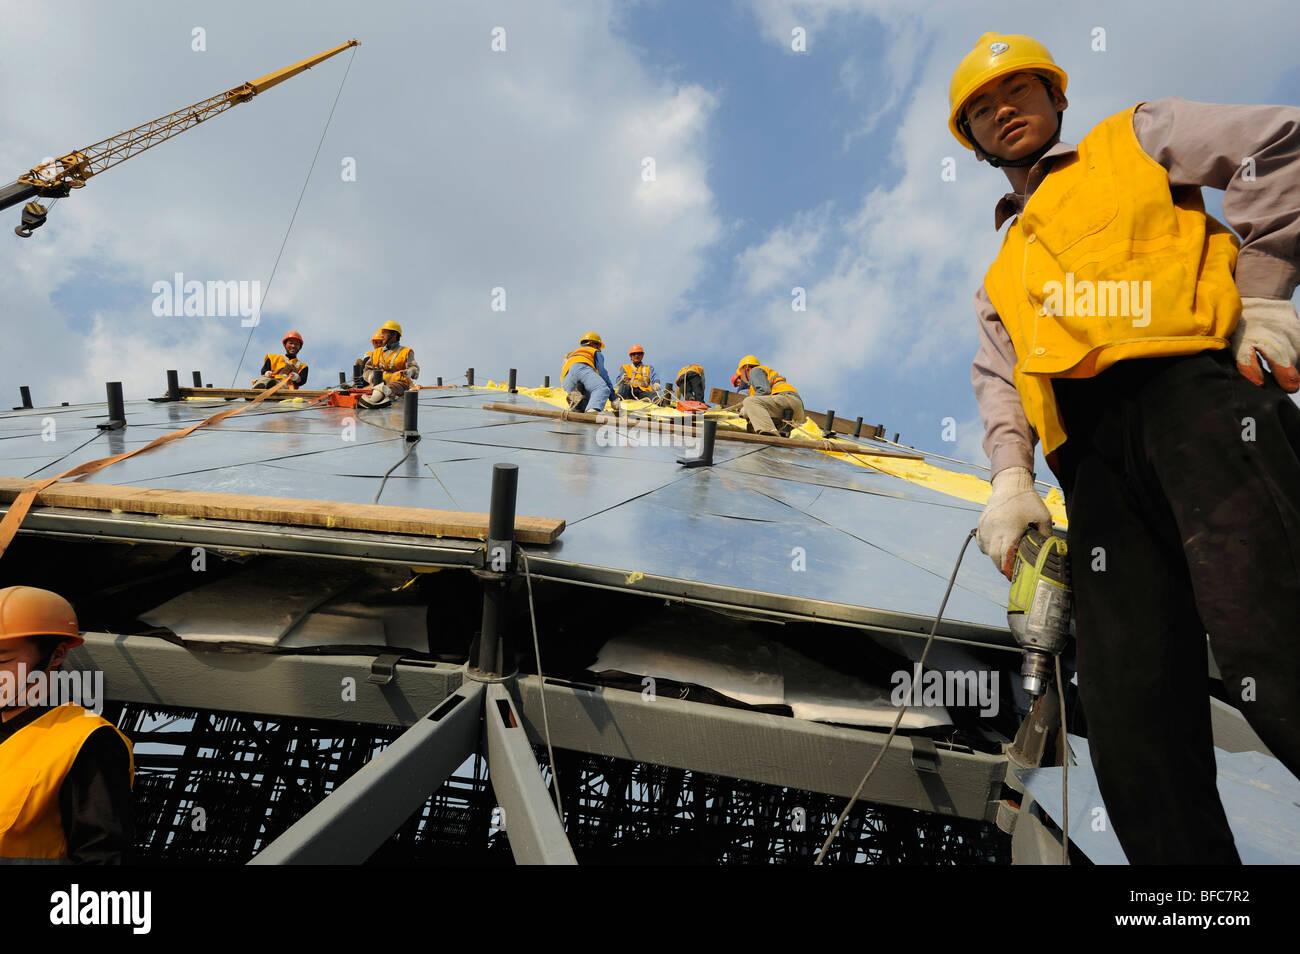 Chinesische Arbeiter auf der Baustelle der World Expo 2010 in Shanghai, China. 15. Oktober 2009 Stockbild